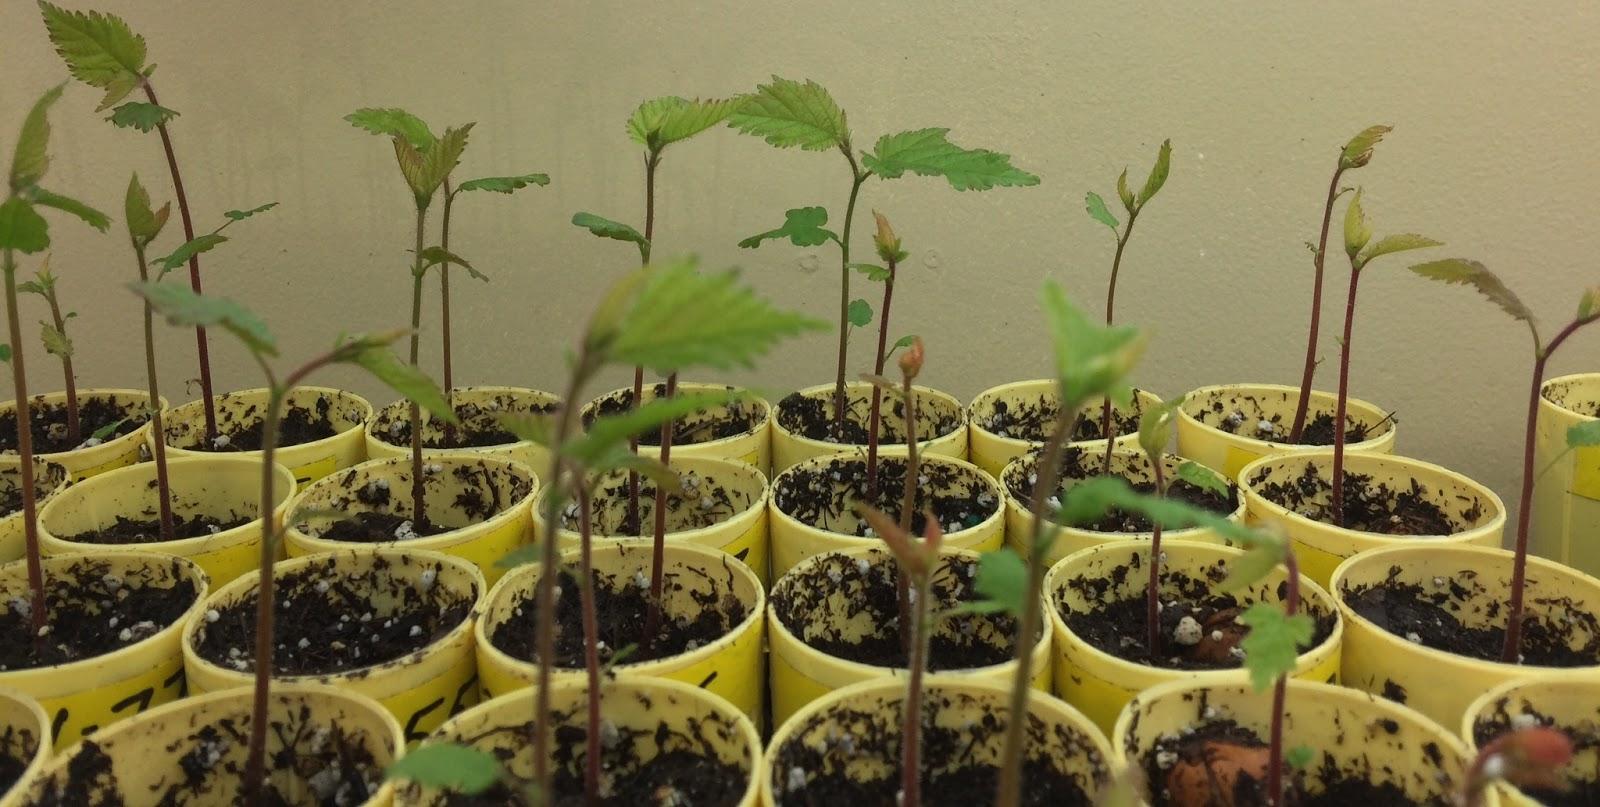 como plantar avelã orgânica : mudas de avelã